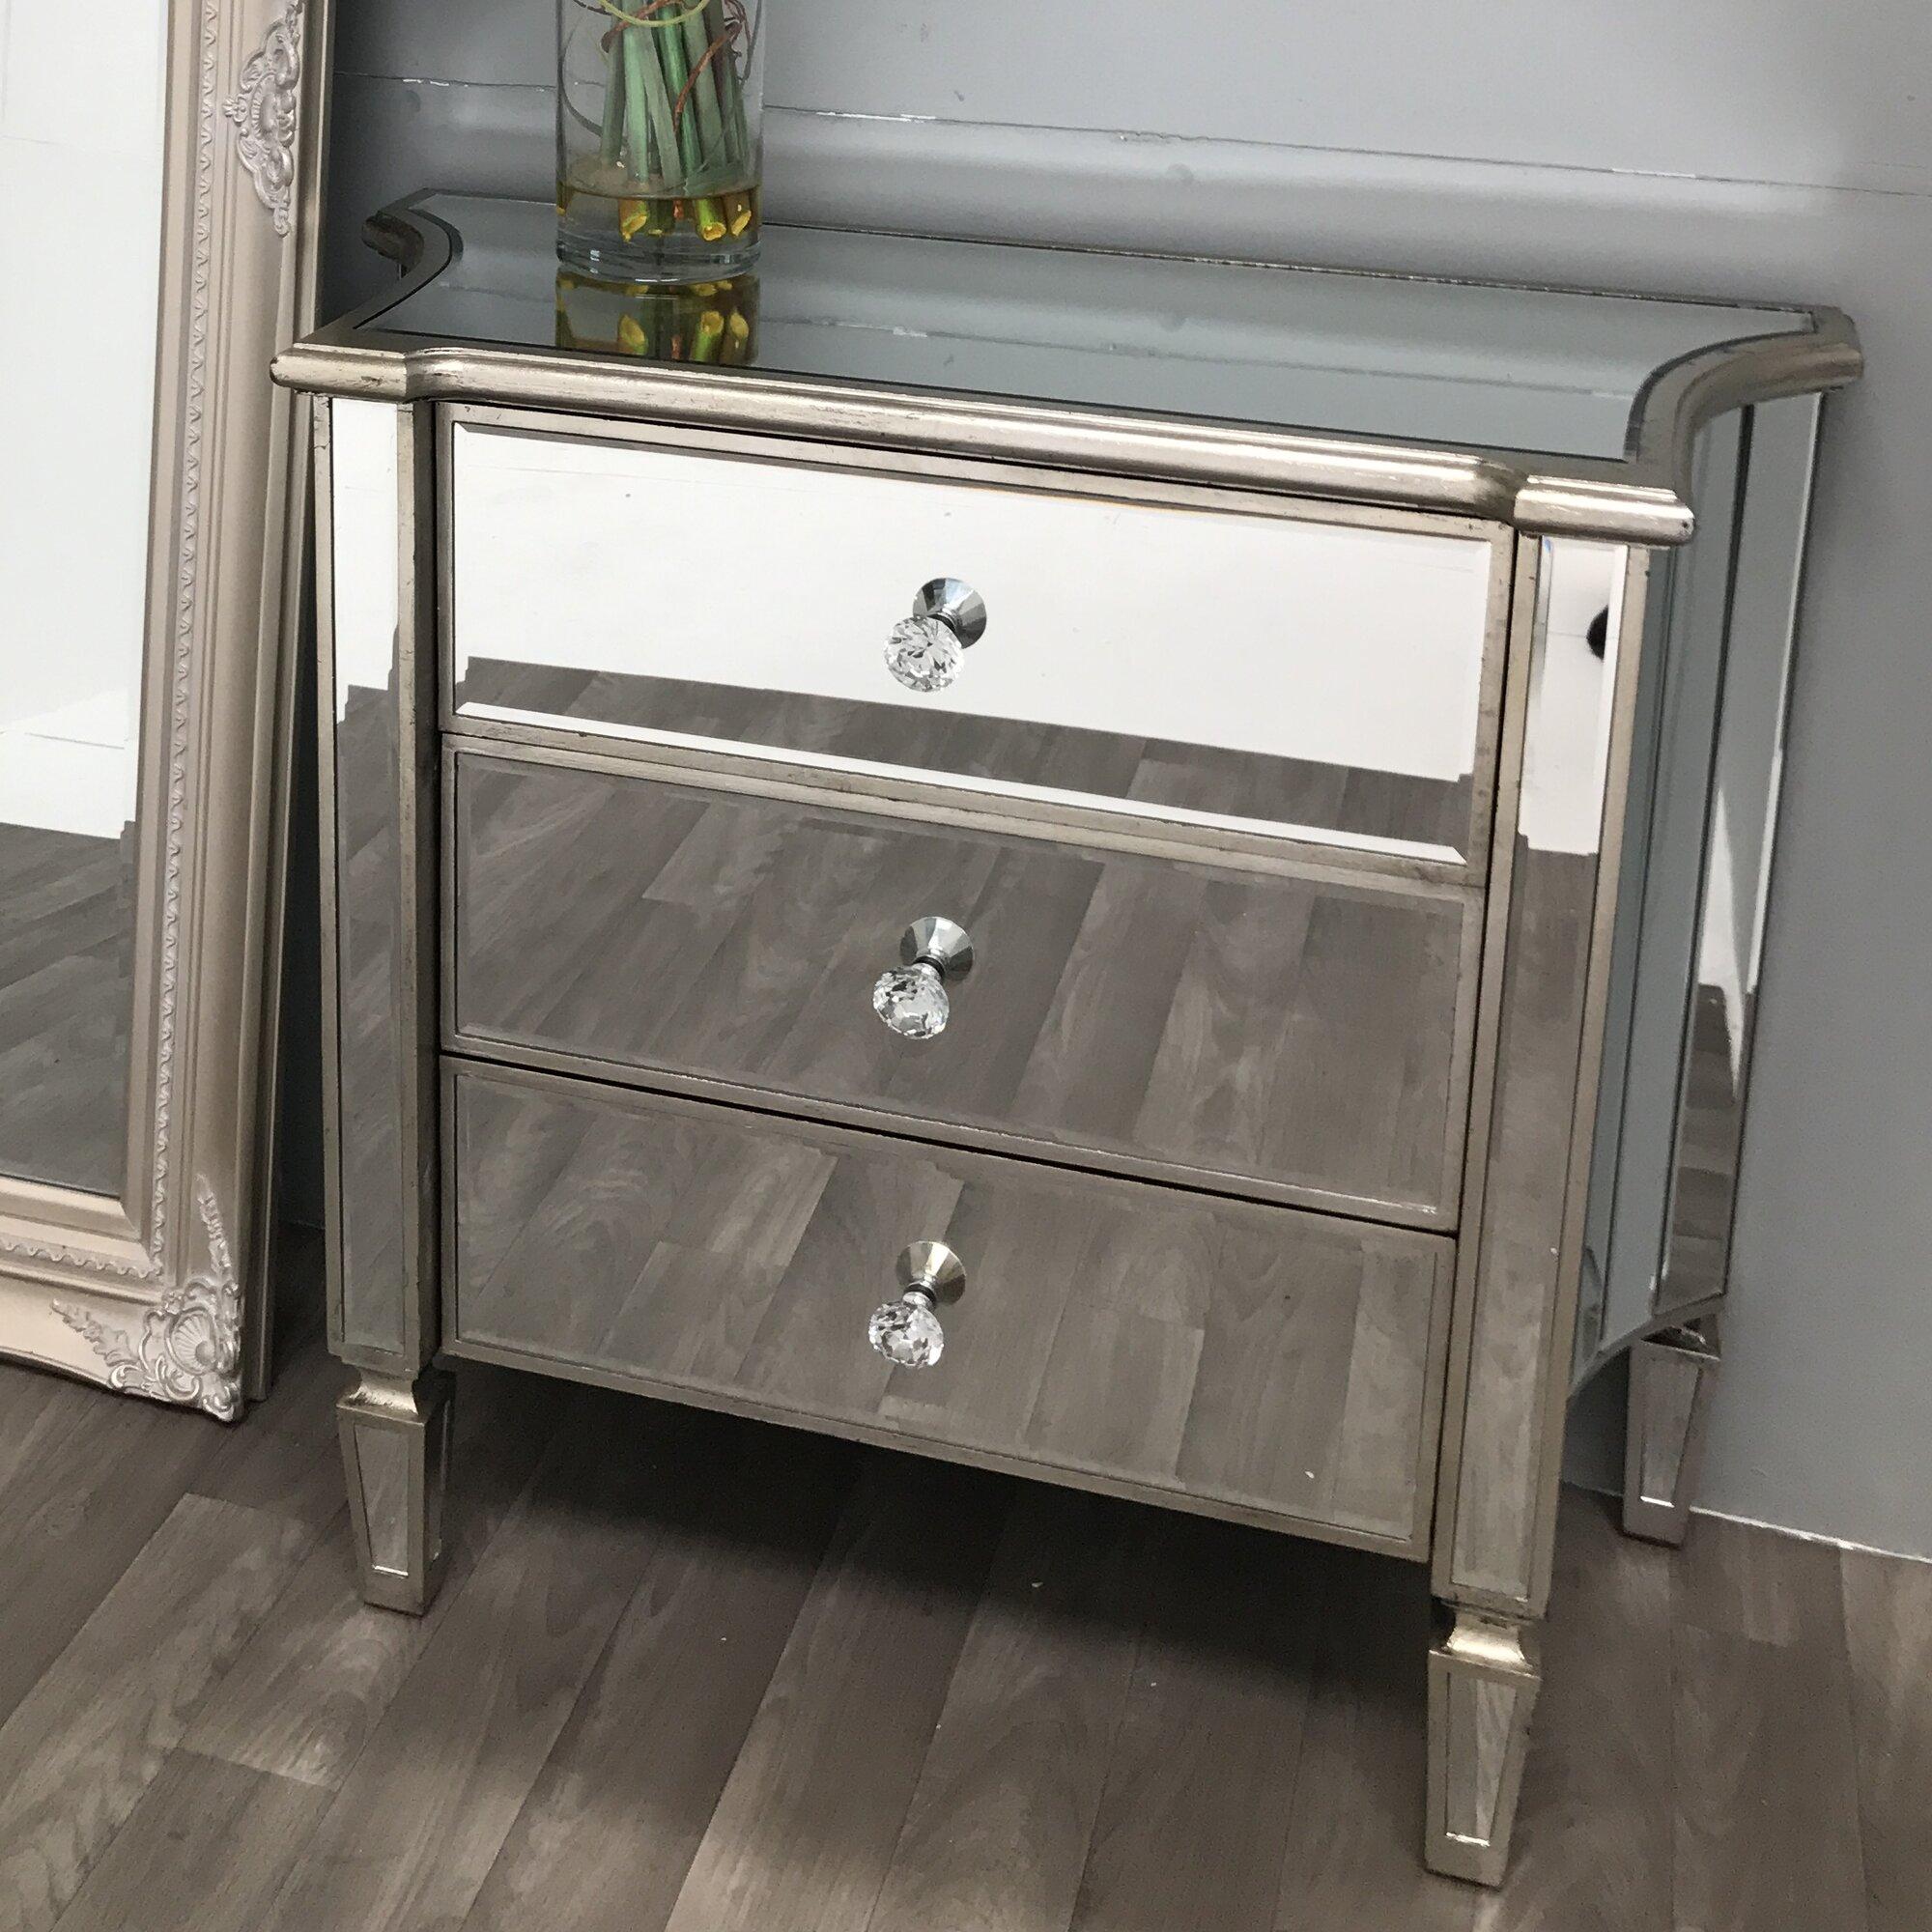 hazelwood home kommode vintage. Black Bedroom Furniture Sets. Home Design Ideas